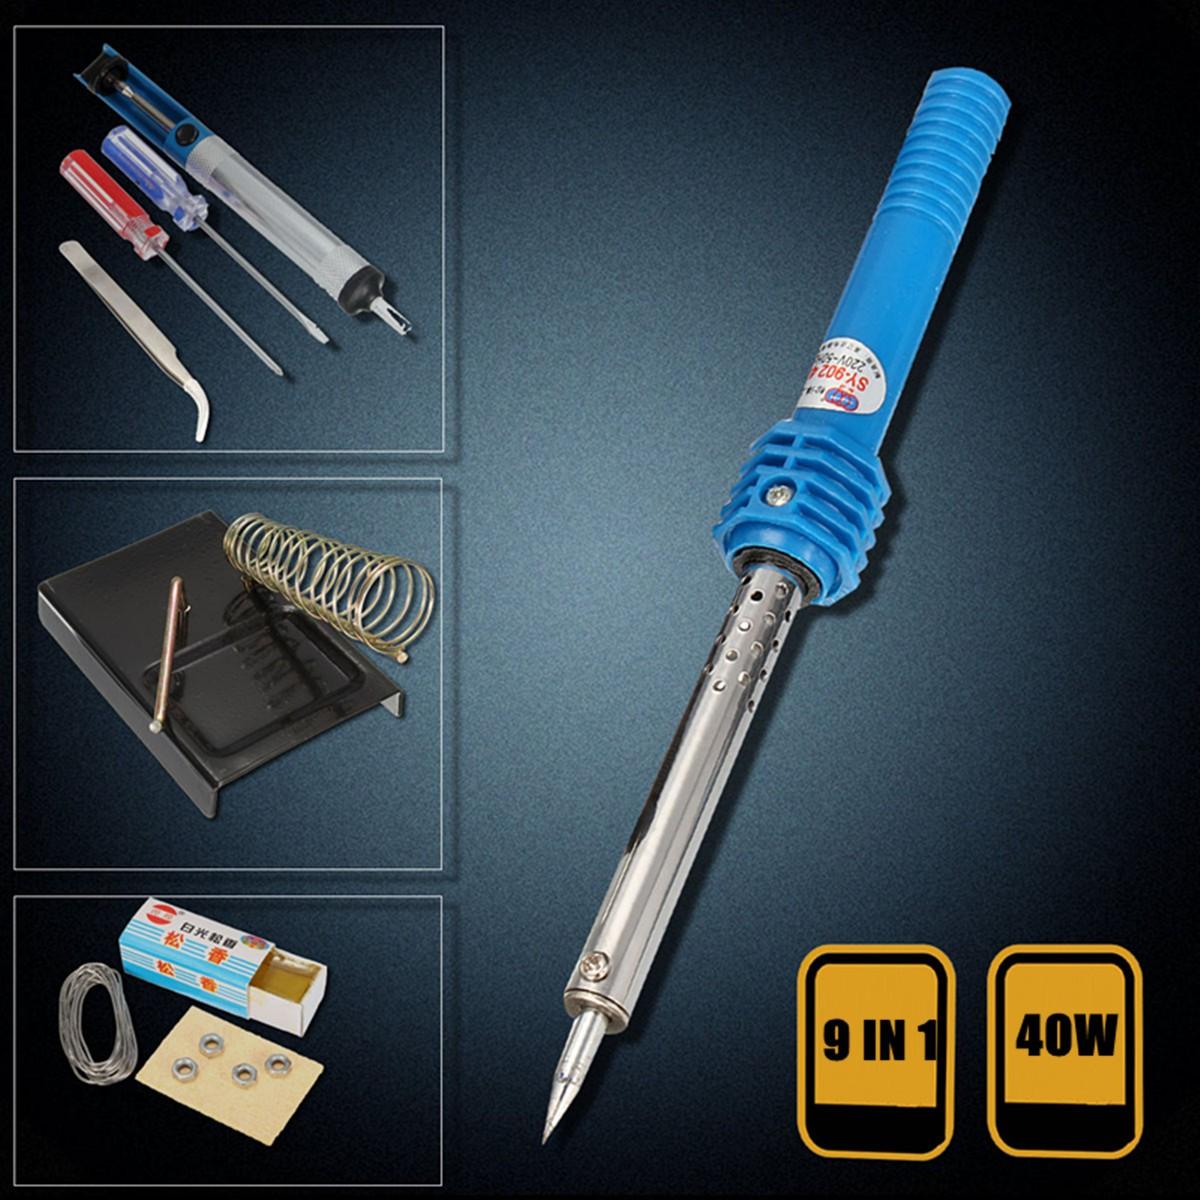 9 in 1 40w electric solder starter tool kit set iron stand desolder pump alex nld. Black Bedroom Furniture Sets. Home Design Ideas